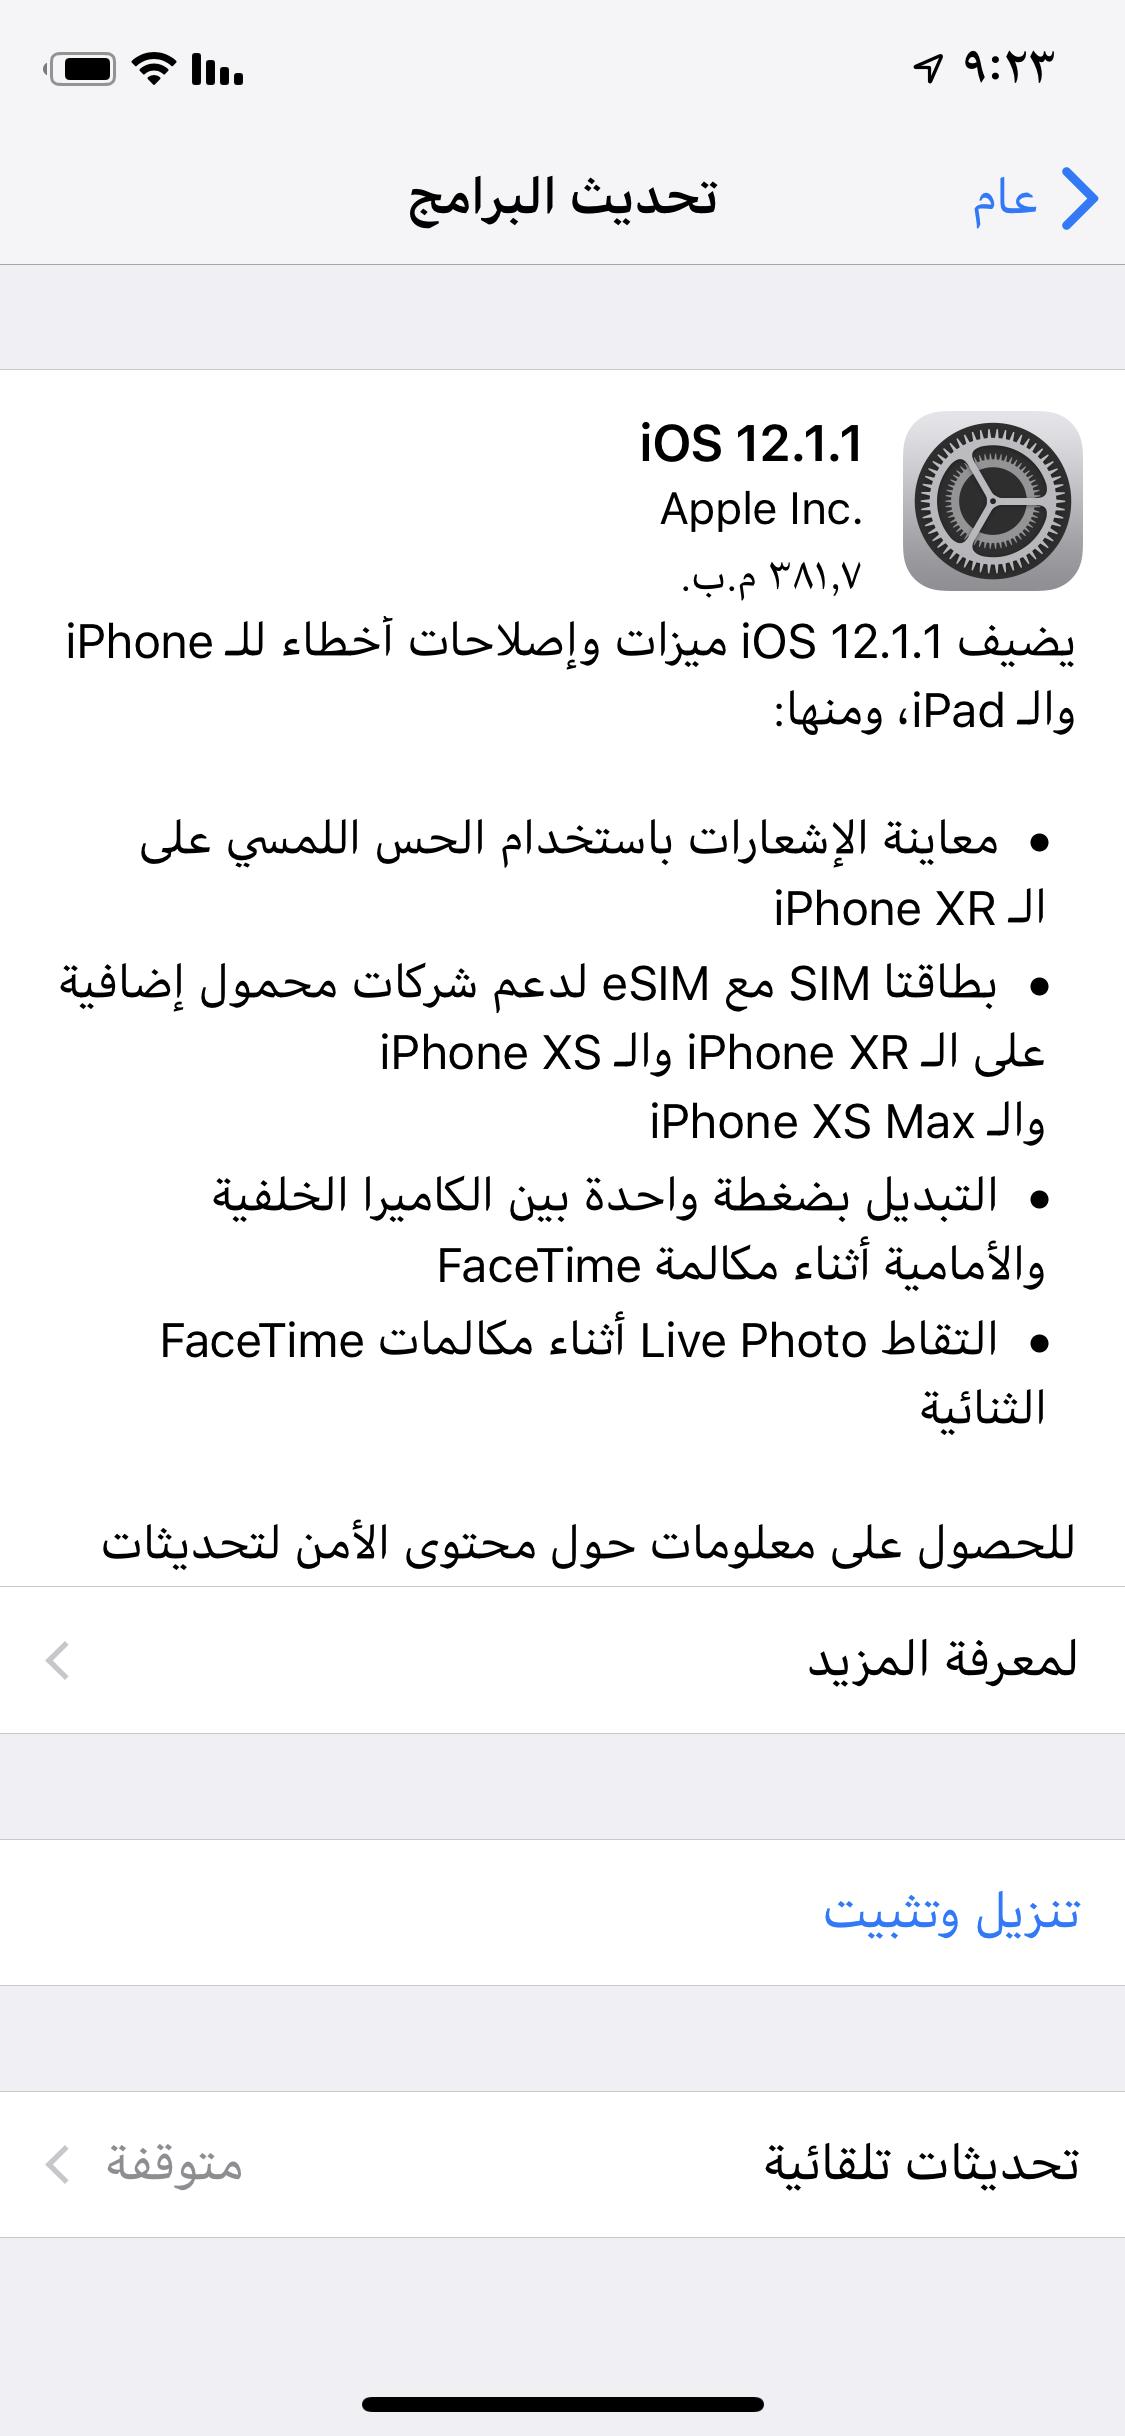 أطلقت ابل تحديث iOS 12.1.1 مع دعم eSIM الموسع، التقاط Live Photo أثناء مكالمات الفيستايم و المزيد